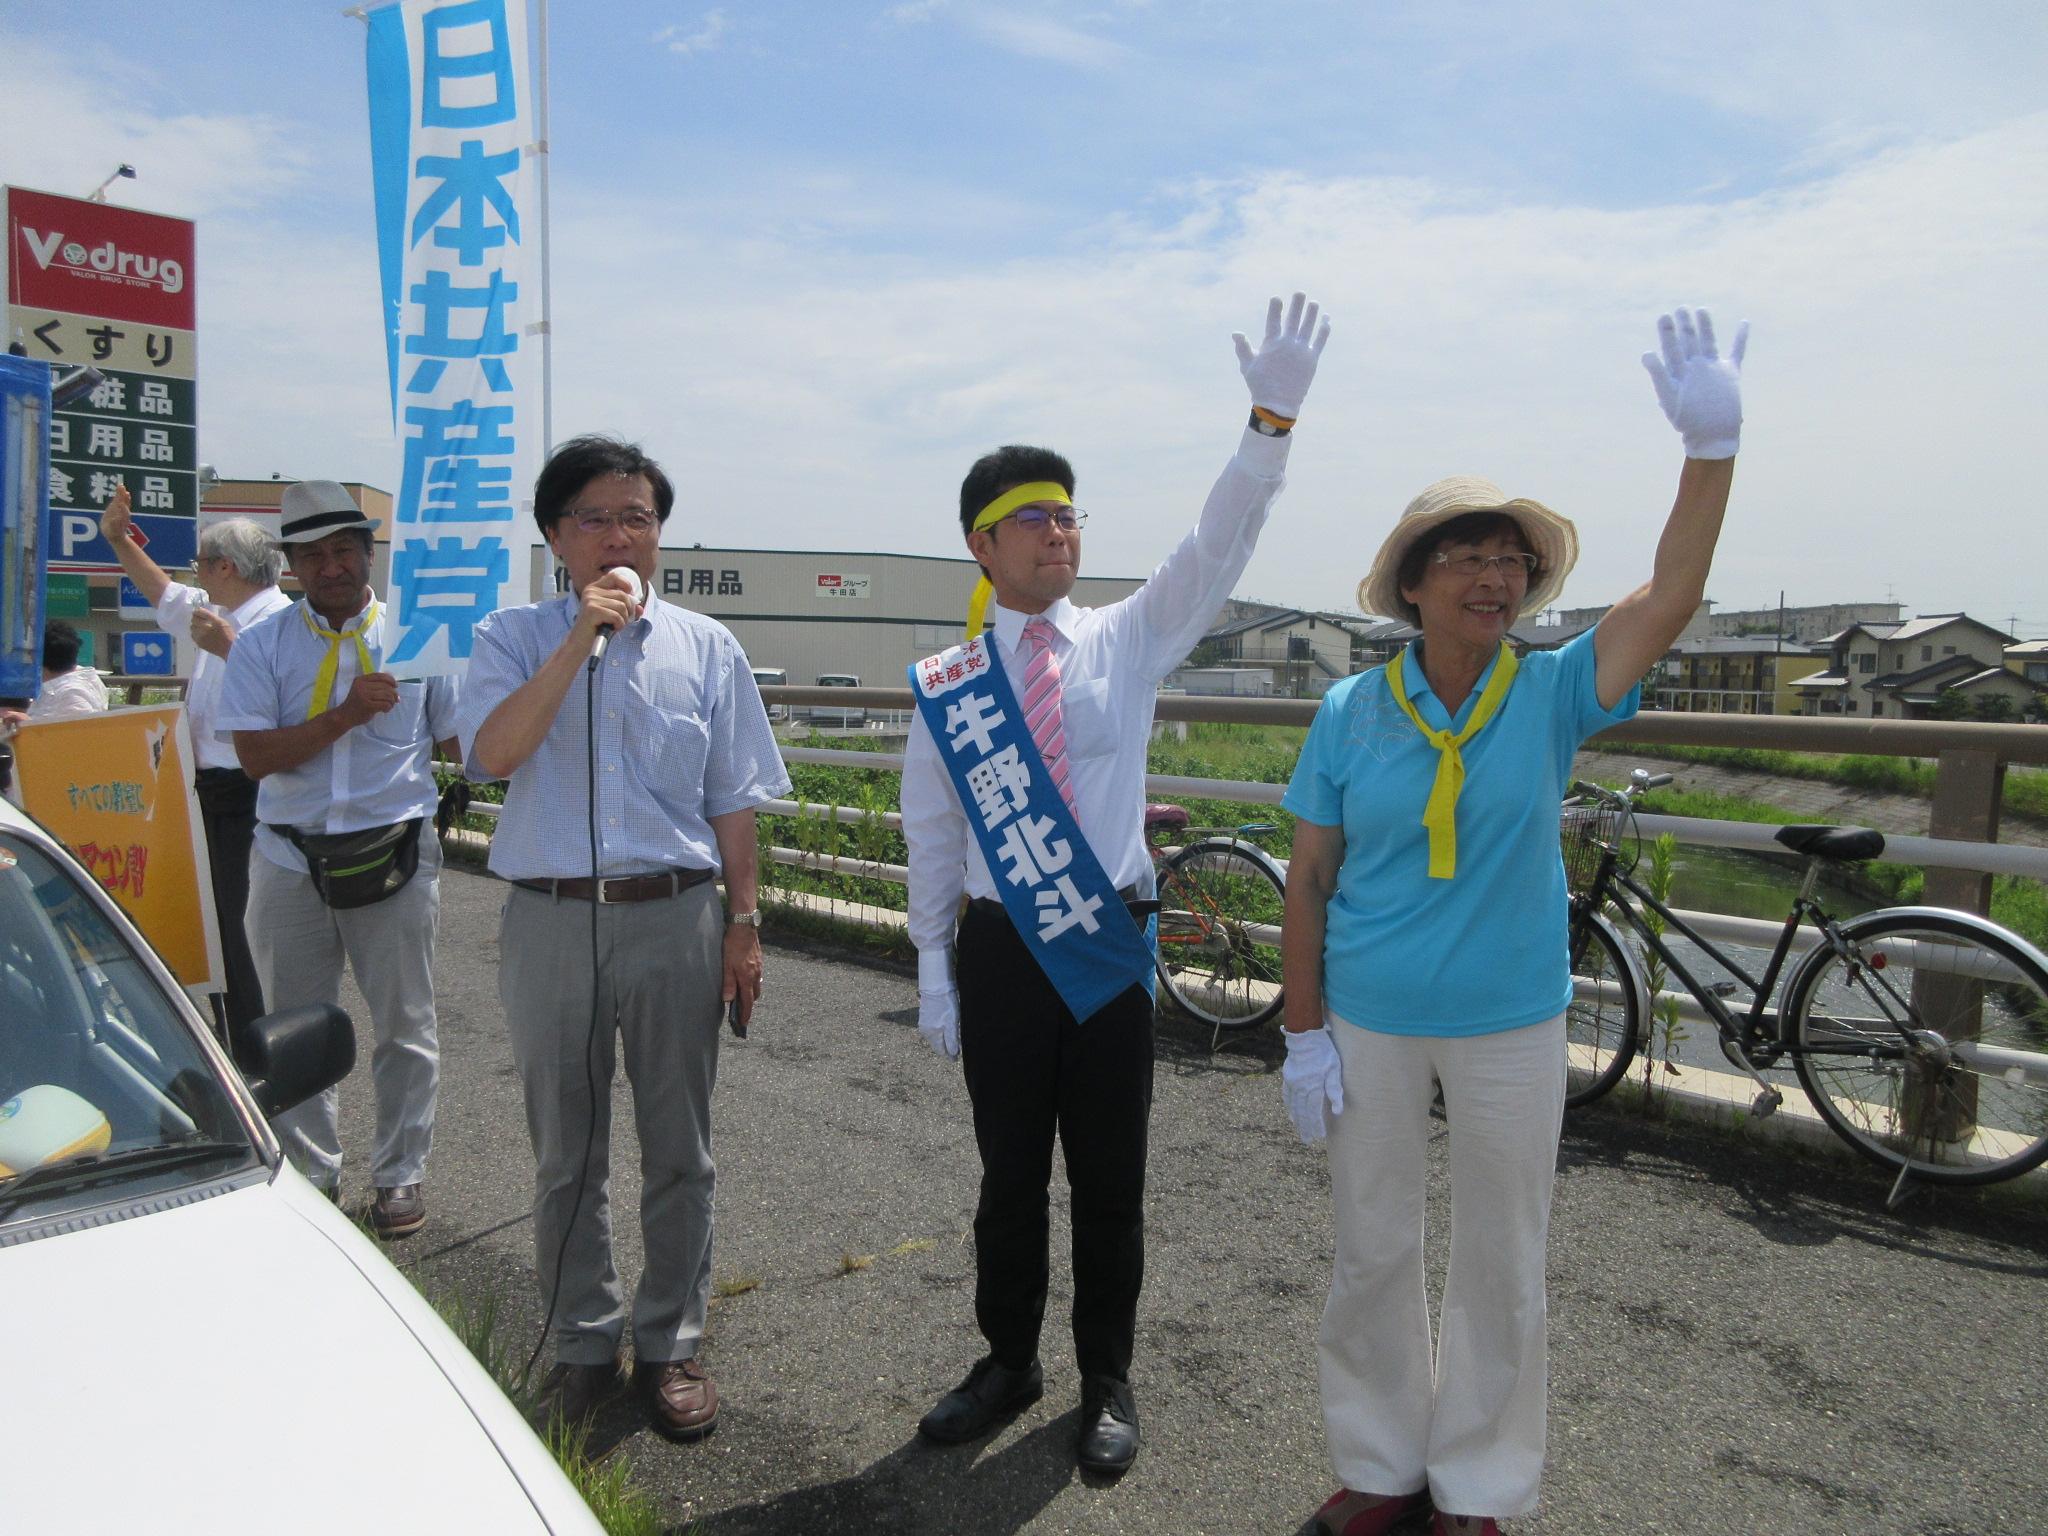 http://www.inoue-satoshi.com/diary/IMG_5738.JPG